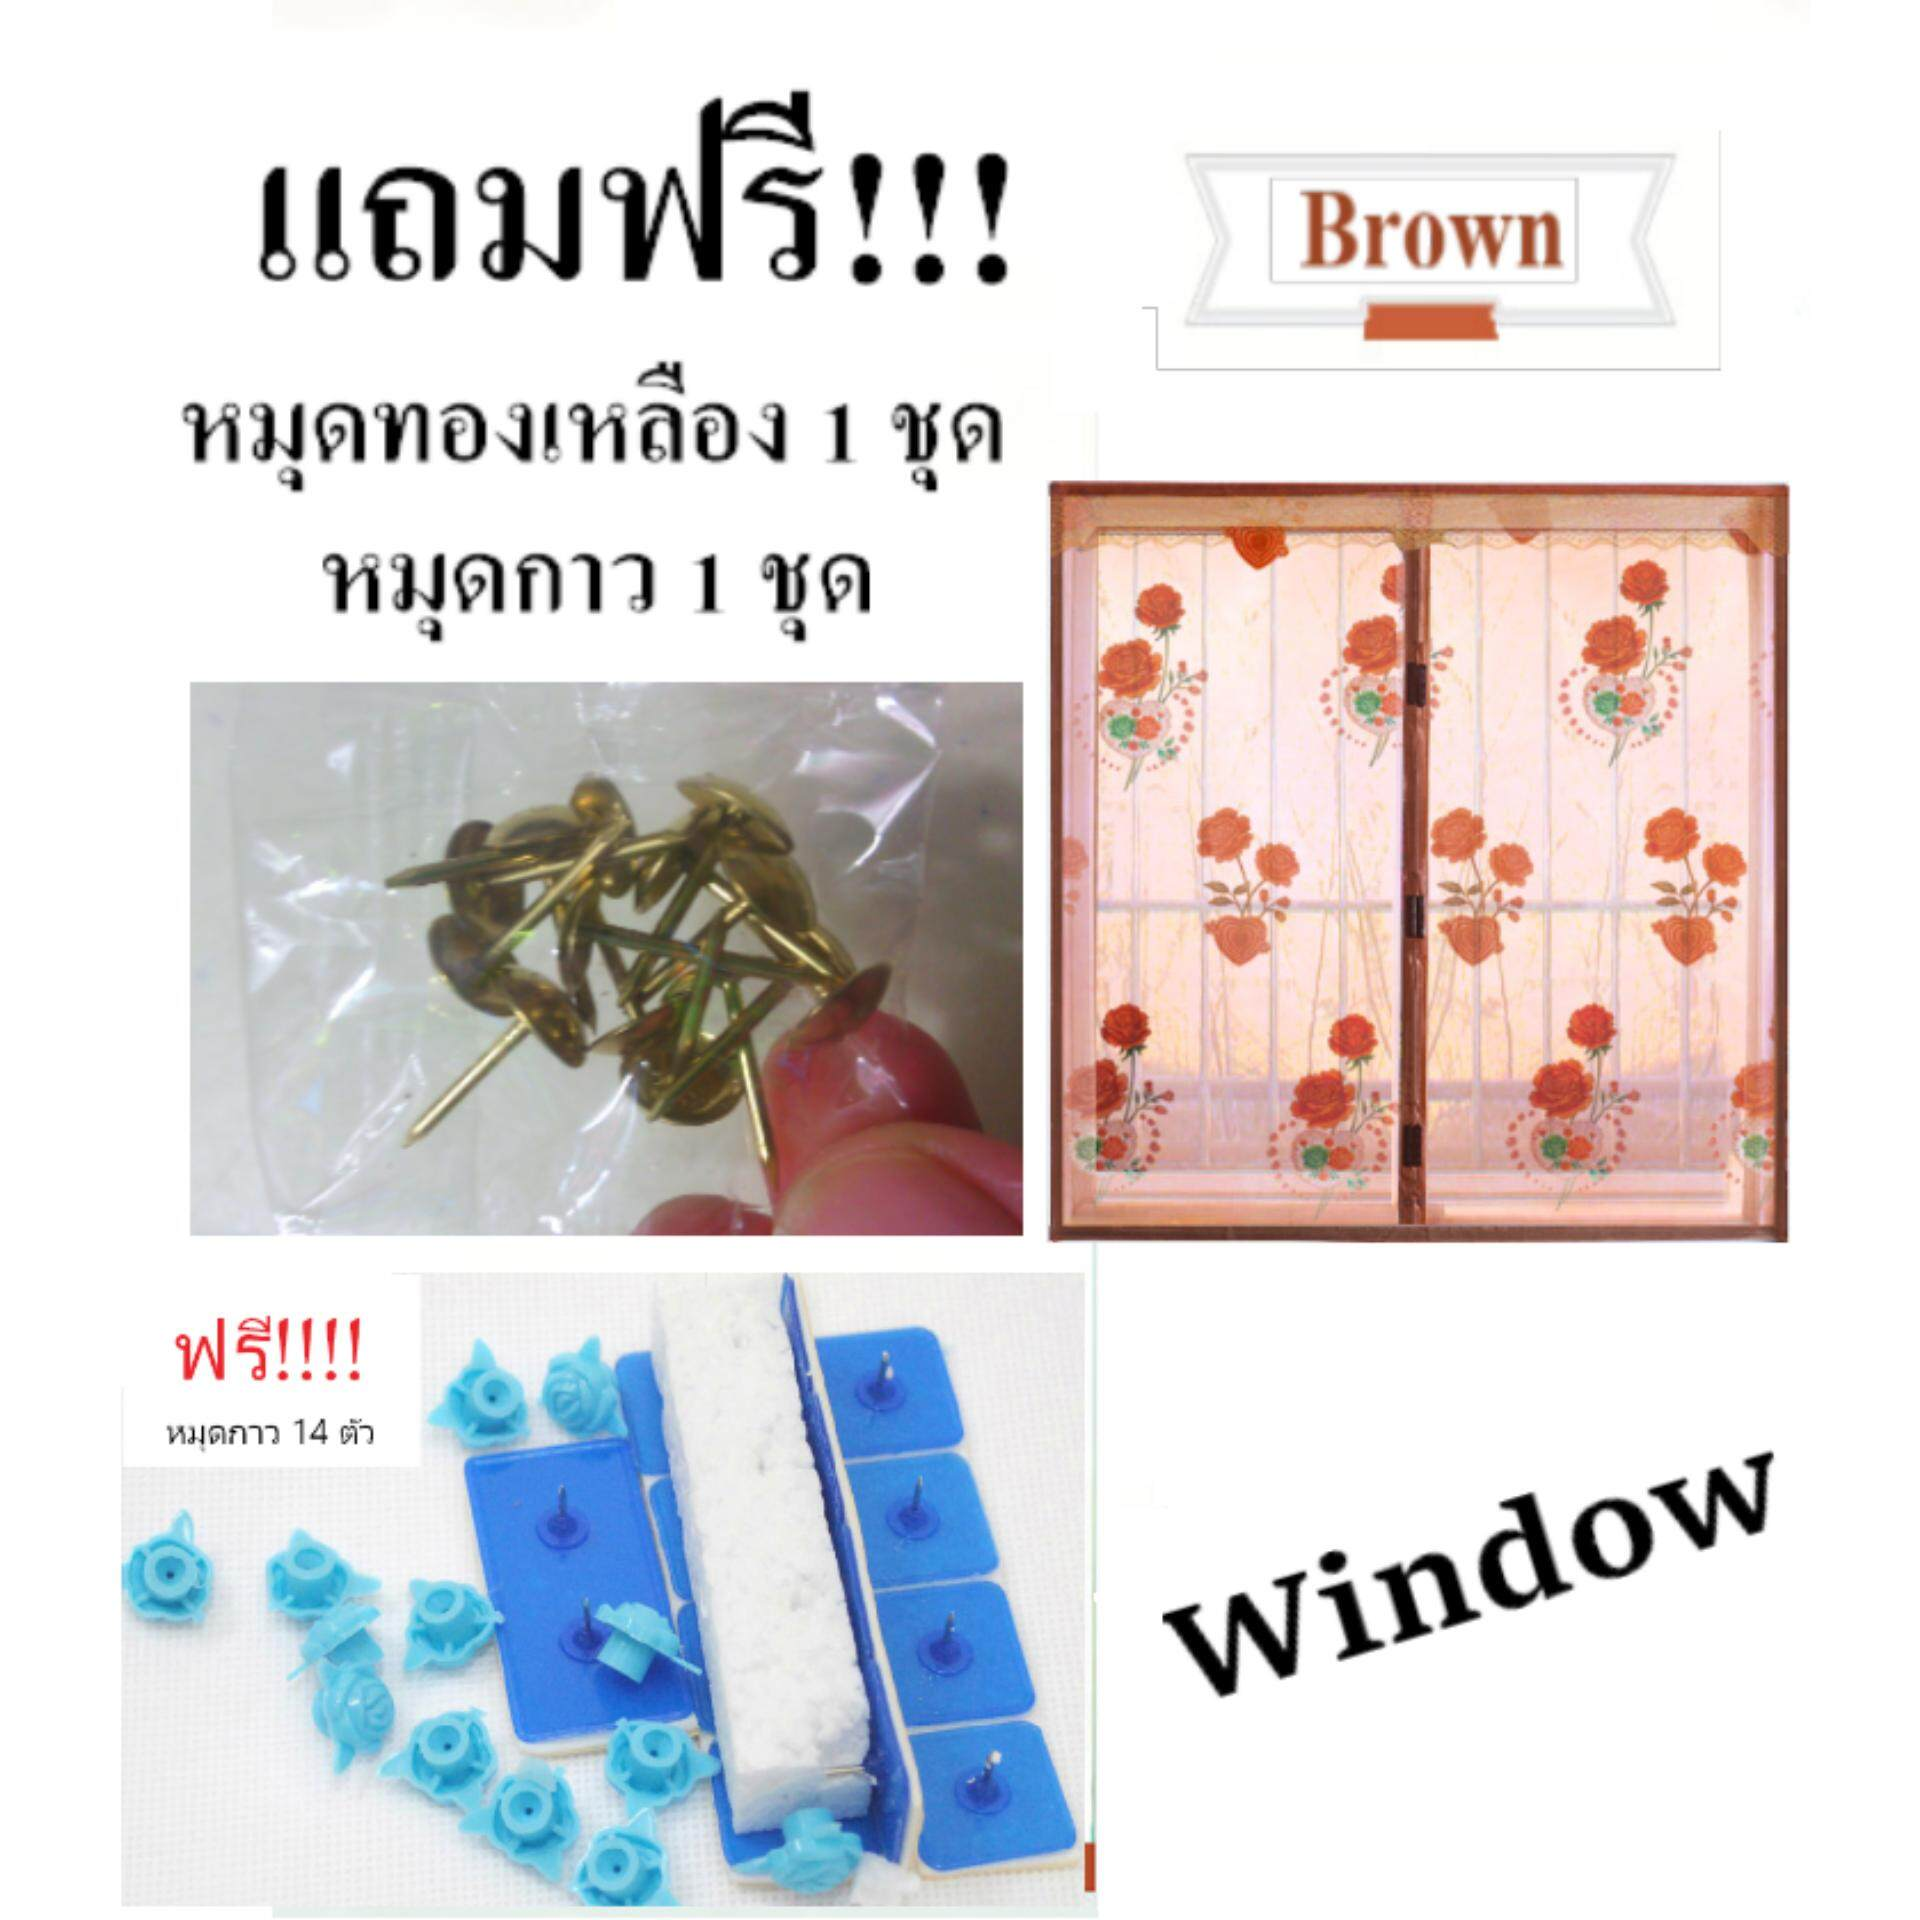 ราคา Happy Day ผ้าม่านหน้าต่างกันยุง ลายกุหลาบ120X120 ซม ใหม่ ถูก